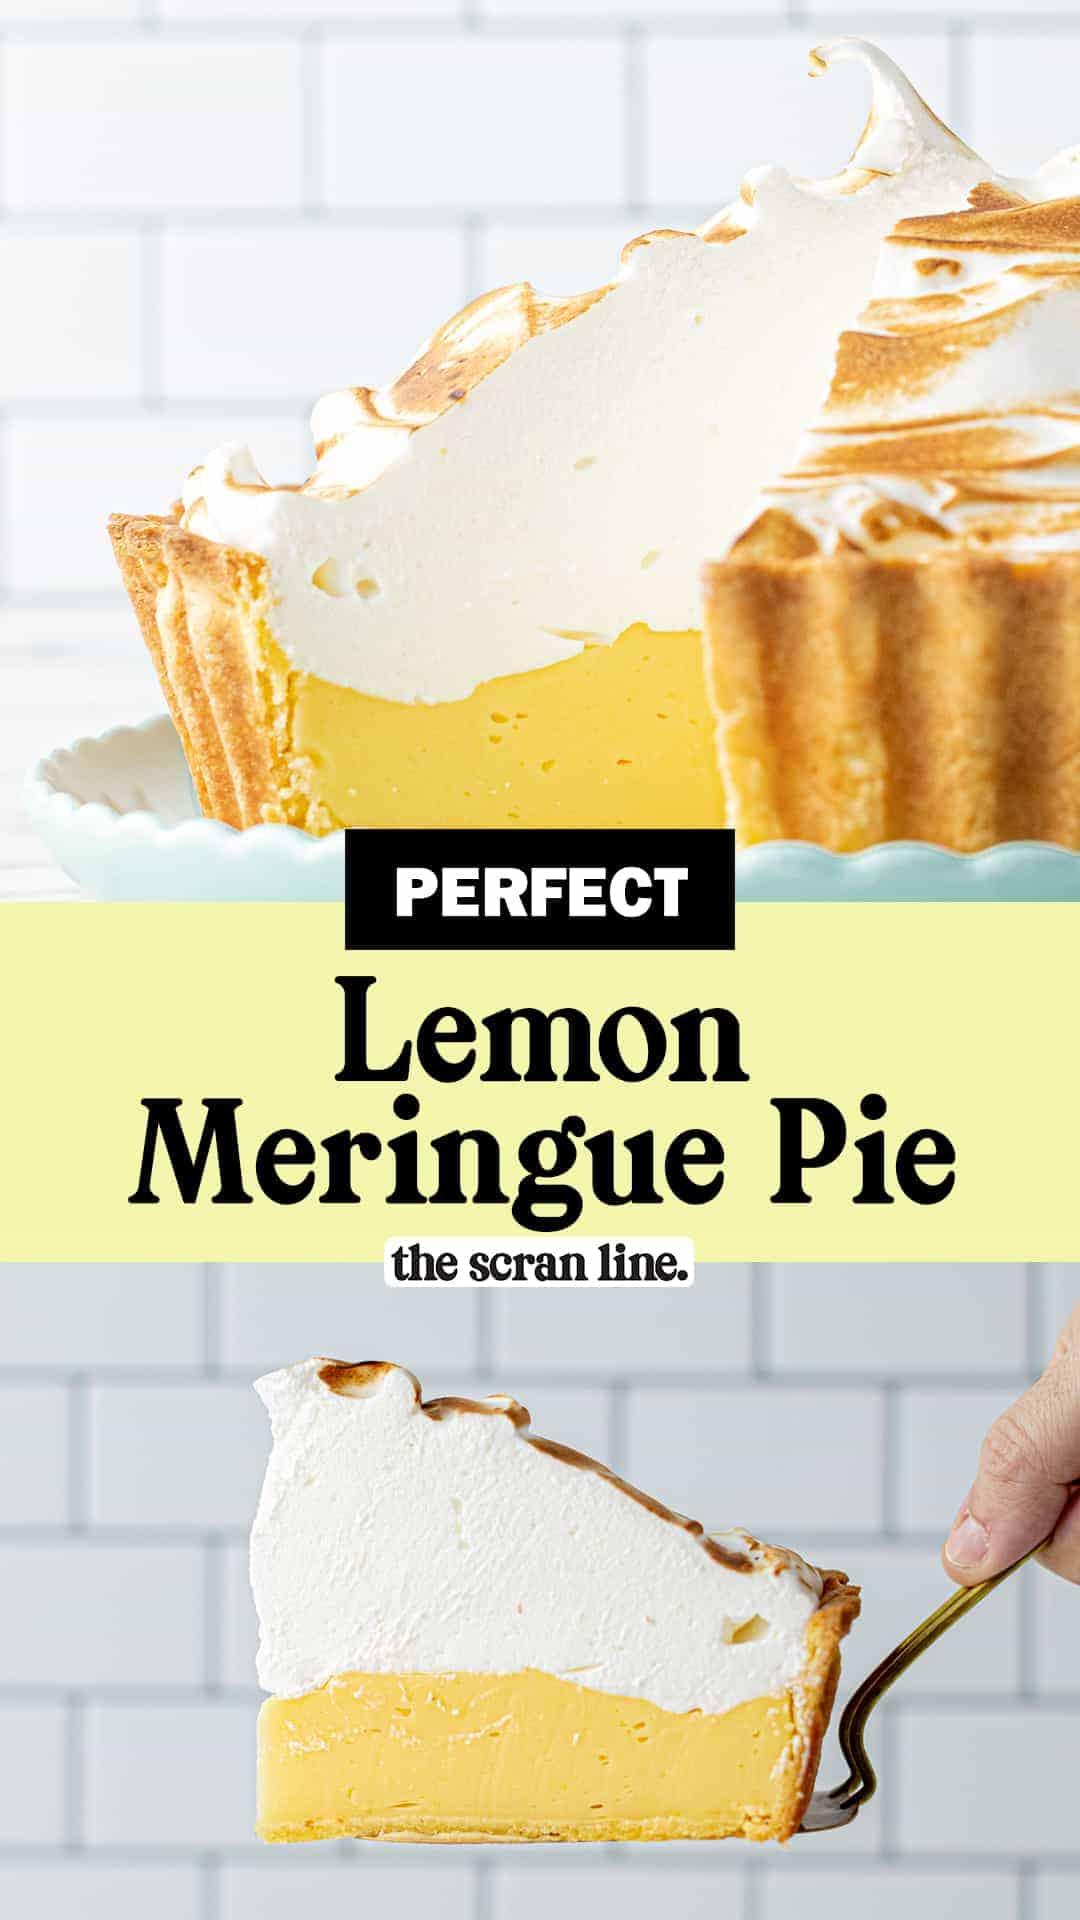 Pinterest image for Perfect Lemon Meringue Pie